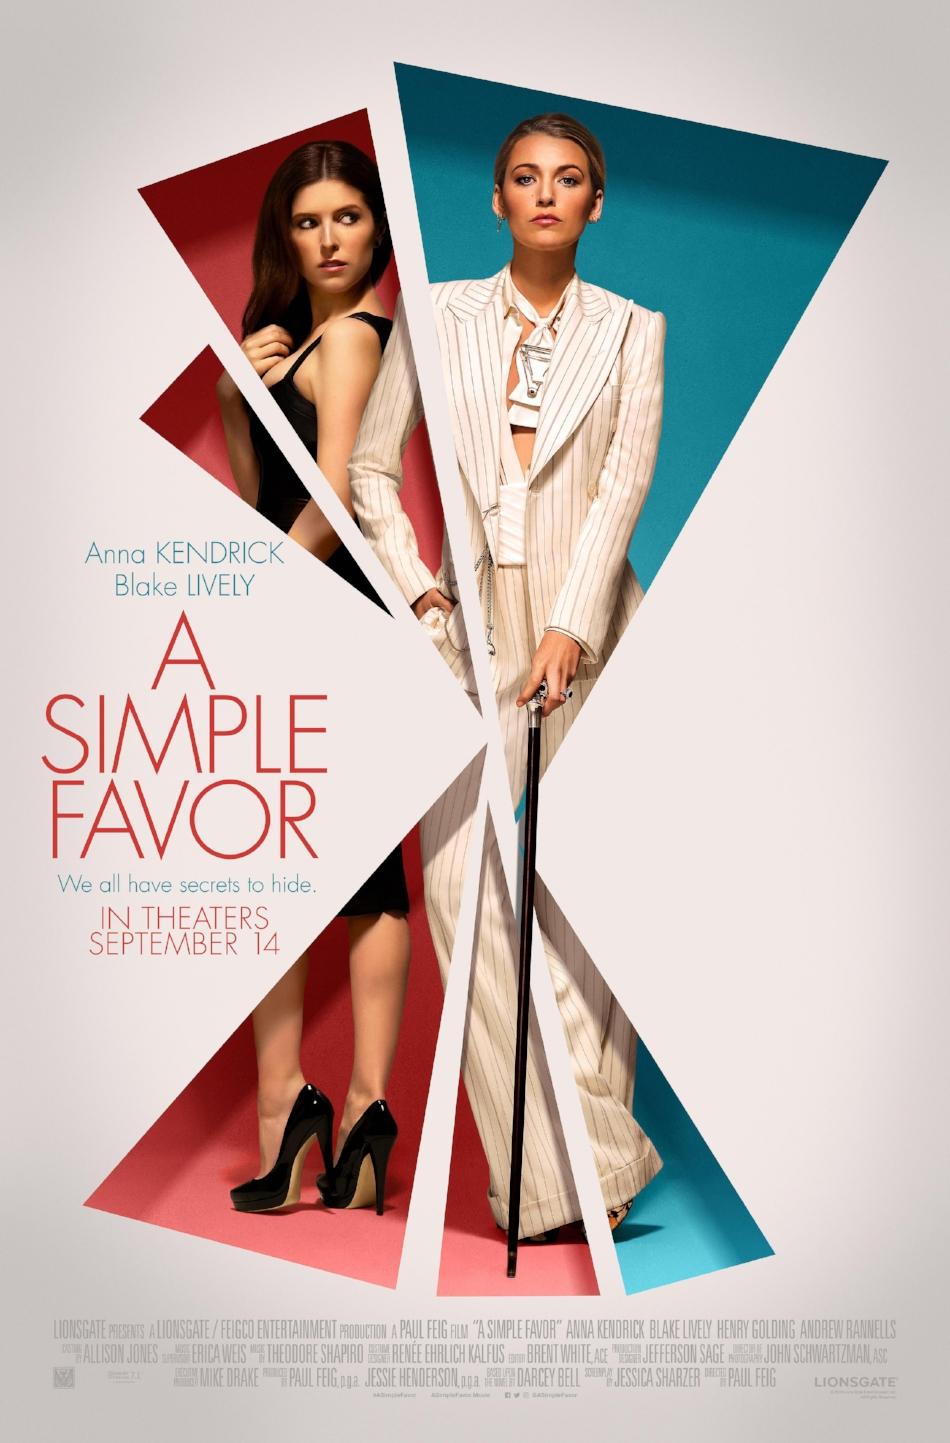 A SIMPLE FAVOR - Poster Art (Final).jpg